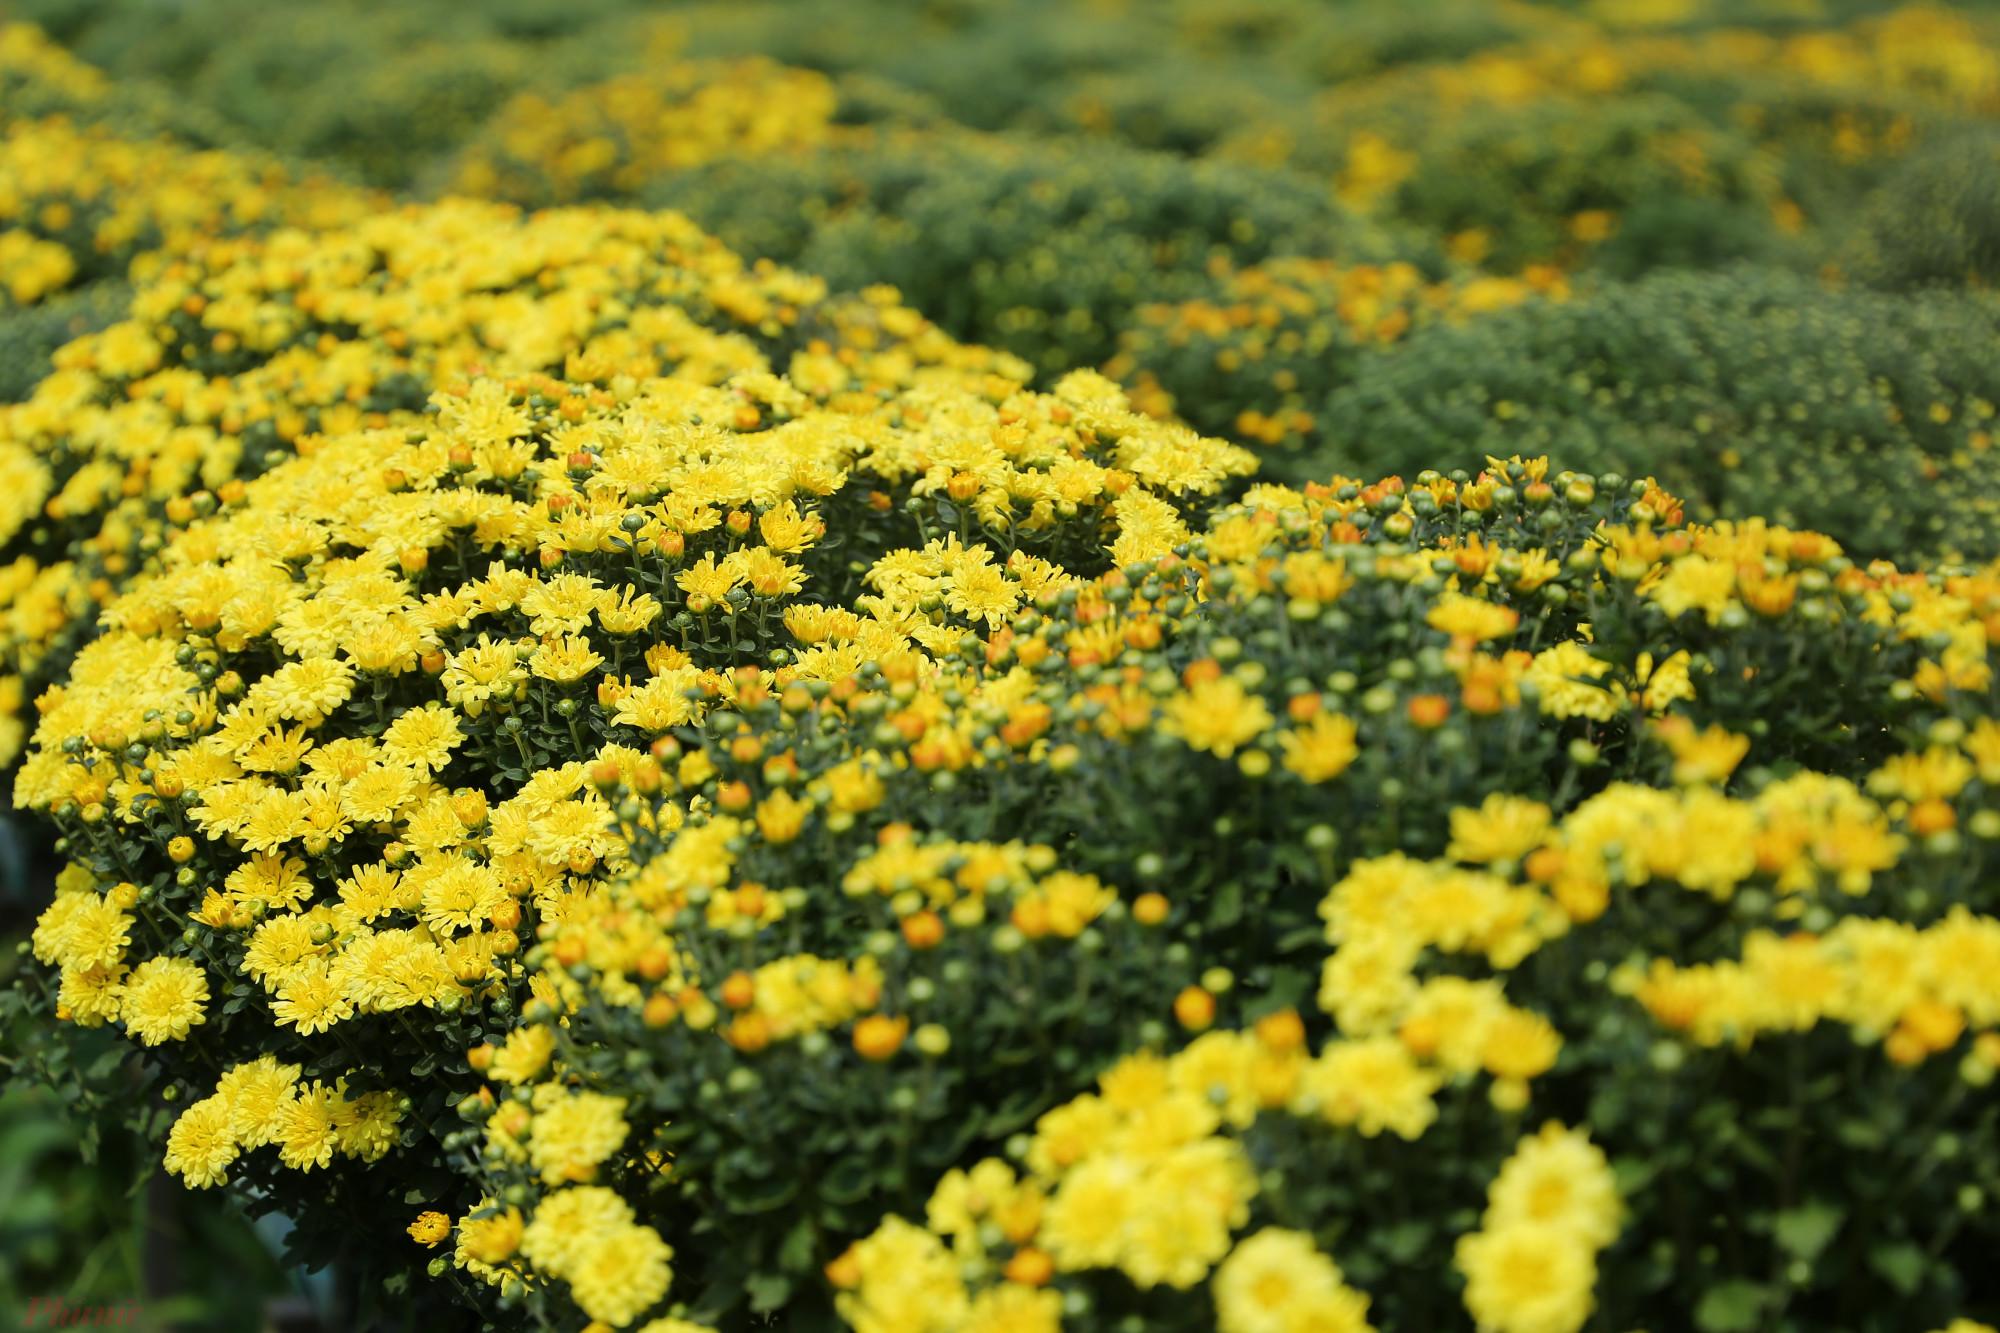 Về Sa Đéc trong những ngày cuối tháng Chạp, không khí rộn rã, nhộn nhịp len vào từng ngõ ngách. Đây cũng là thời điểm hoa Tết tại làng hoa trăm tuổi này được xuất đi nhiều nơi. Trong đó, những cánh đồng cúc mâm xôi bát ngát luôn dễ dàng thu hút sự chú ý bởi sắc vàng rực rỡ đặc trưng cũng như kiểu dáng bo tròn độc đáo.